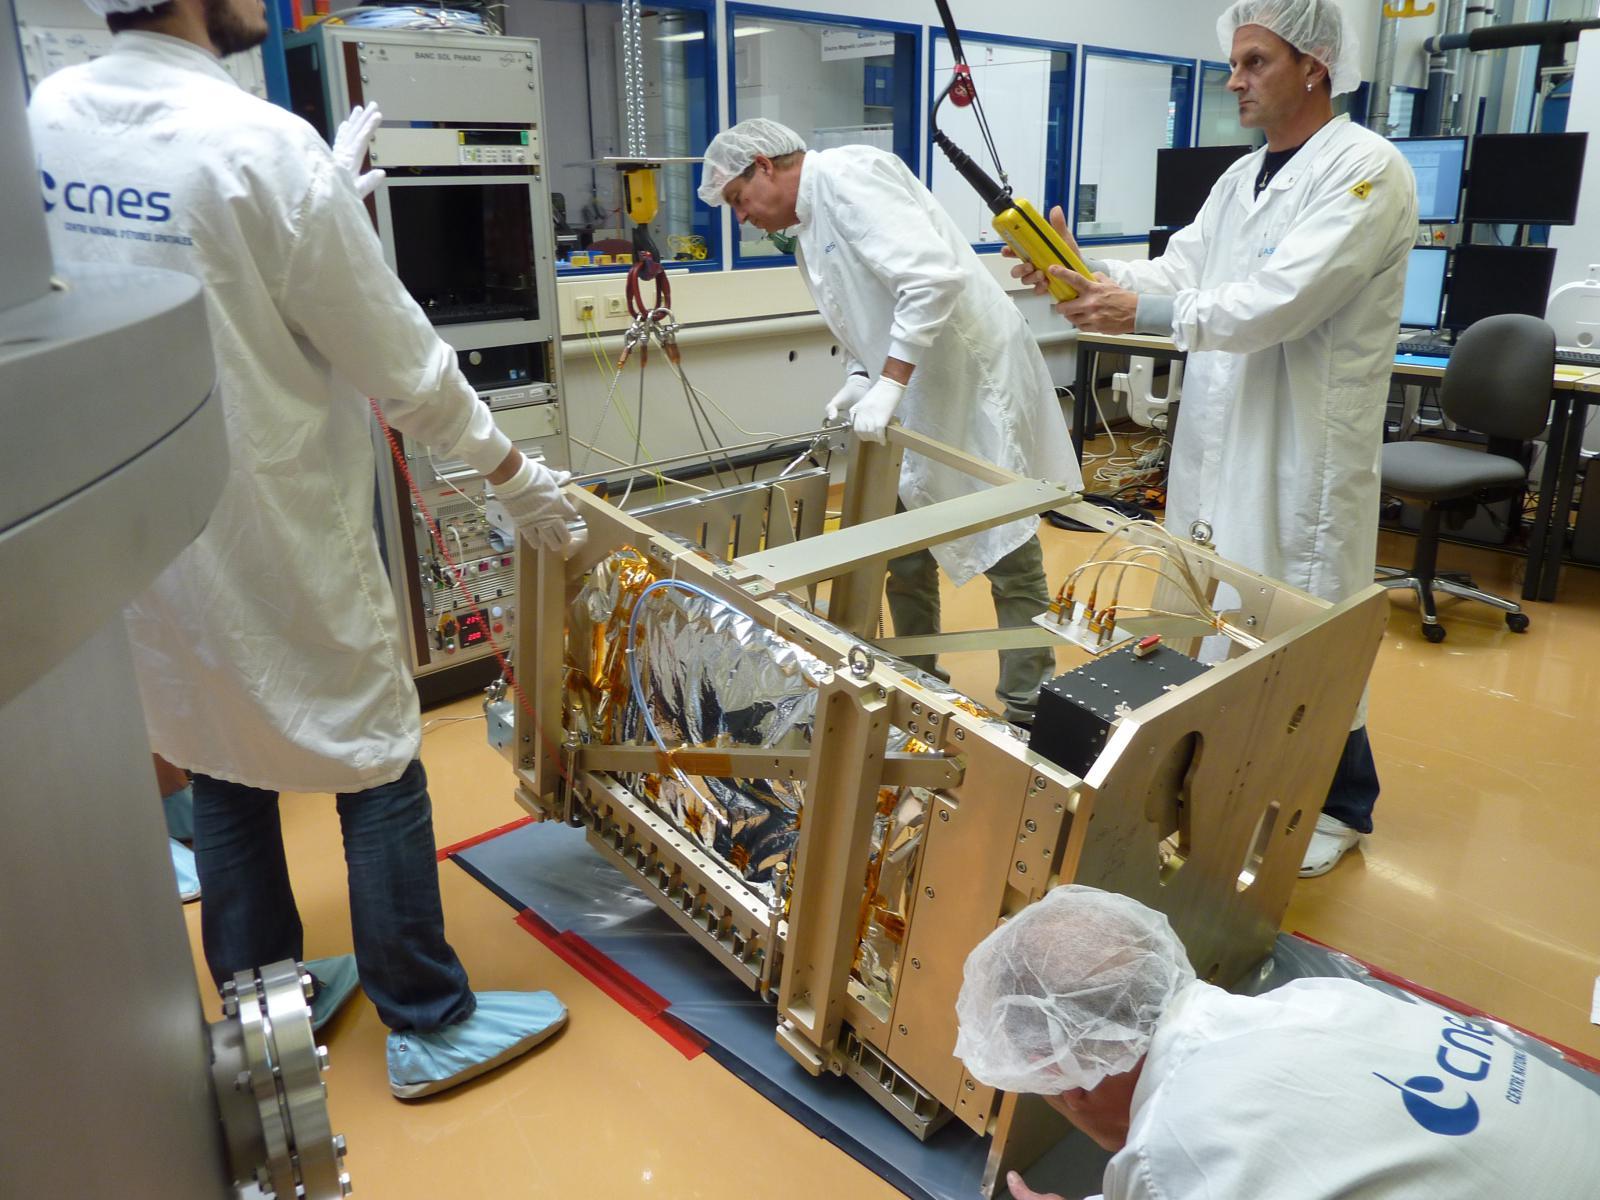 Ατομικό Ρολόι θα Πετάξει στον Διαστημικό Σταθμό το 2016